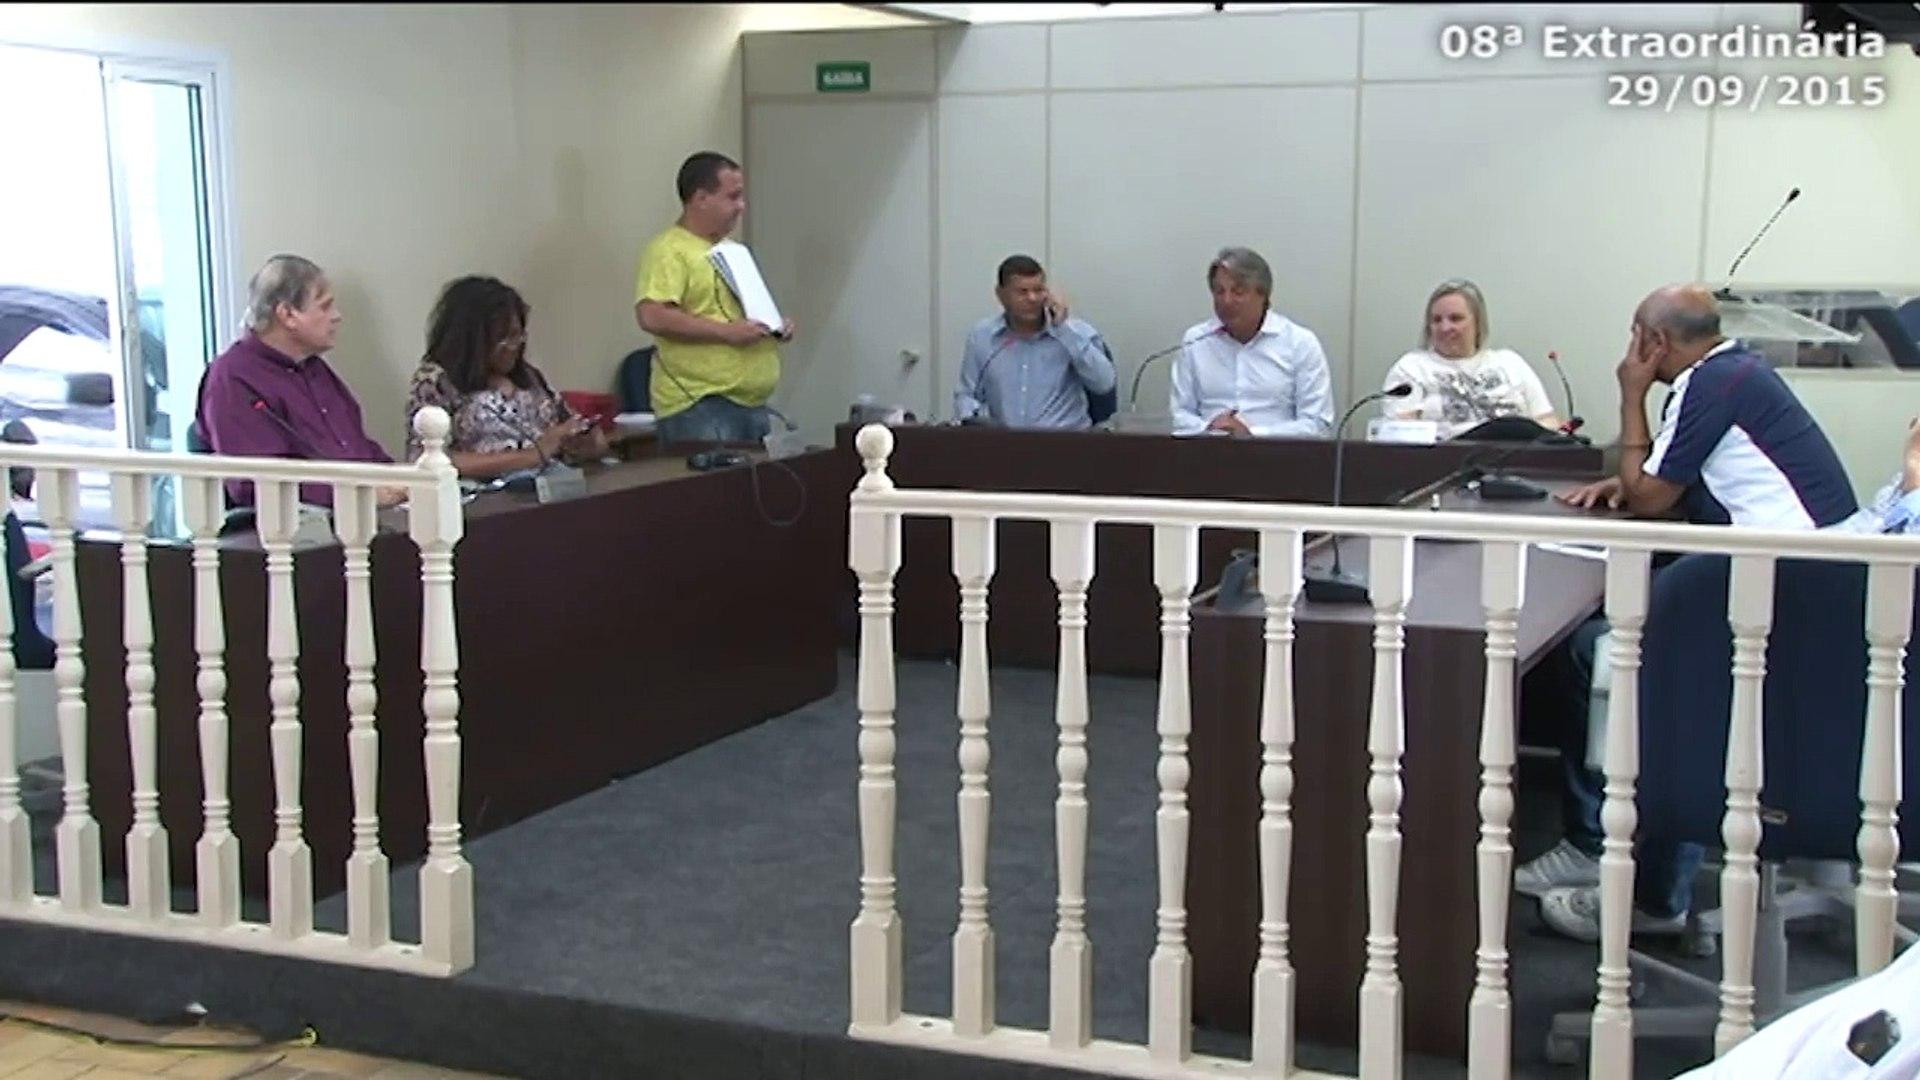 TV Câmara - 08ª Sessão Extraordinária da Câmara de Bertioga - 29/09/2015